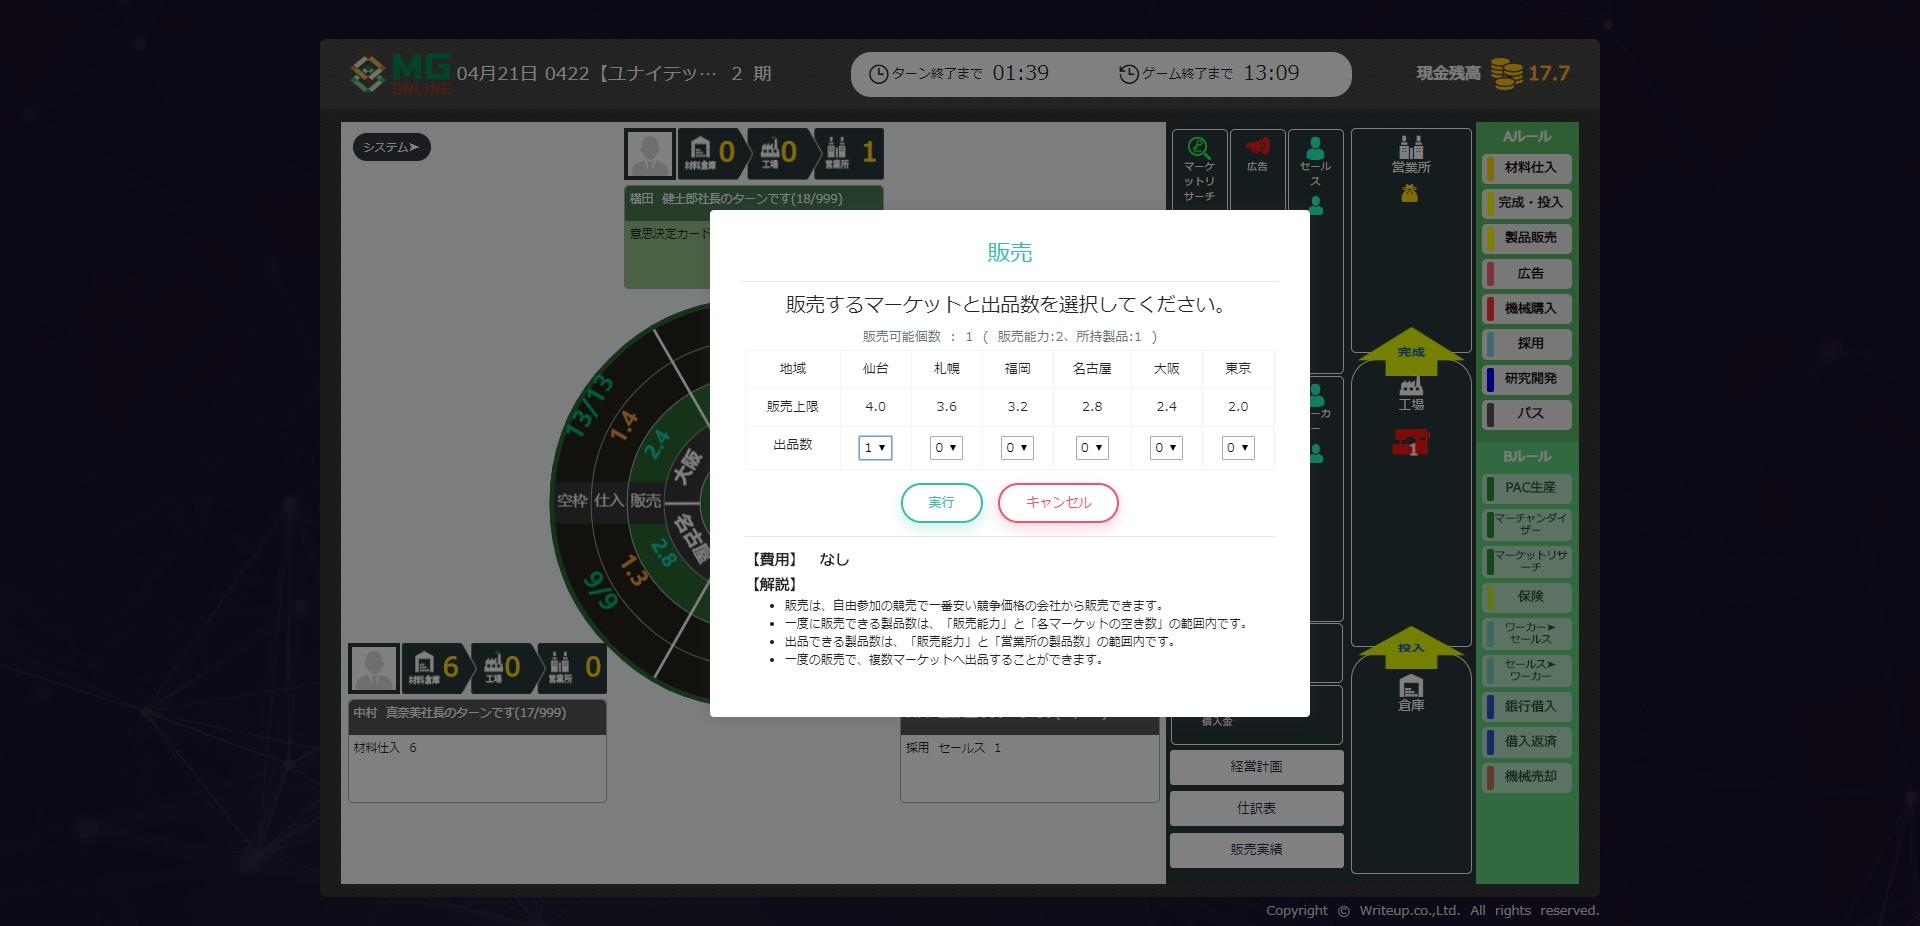 経営シミュレーションゲームの販売市場選定